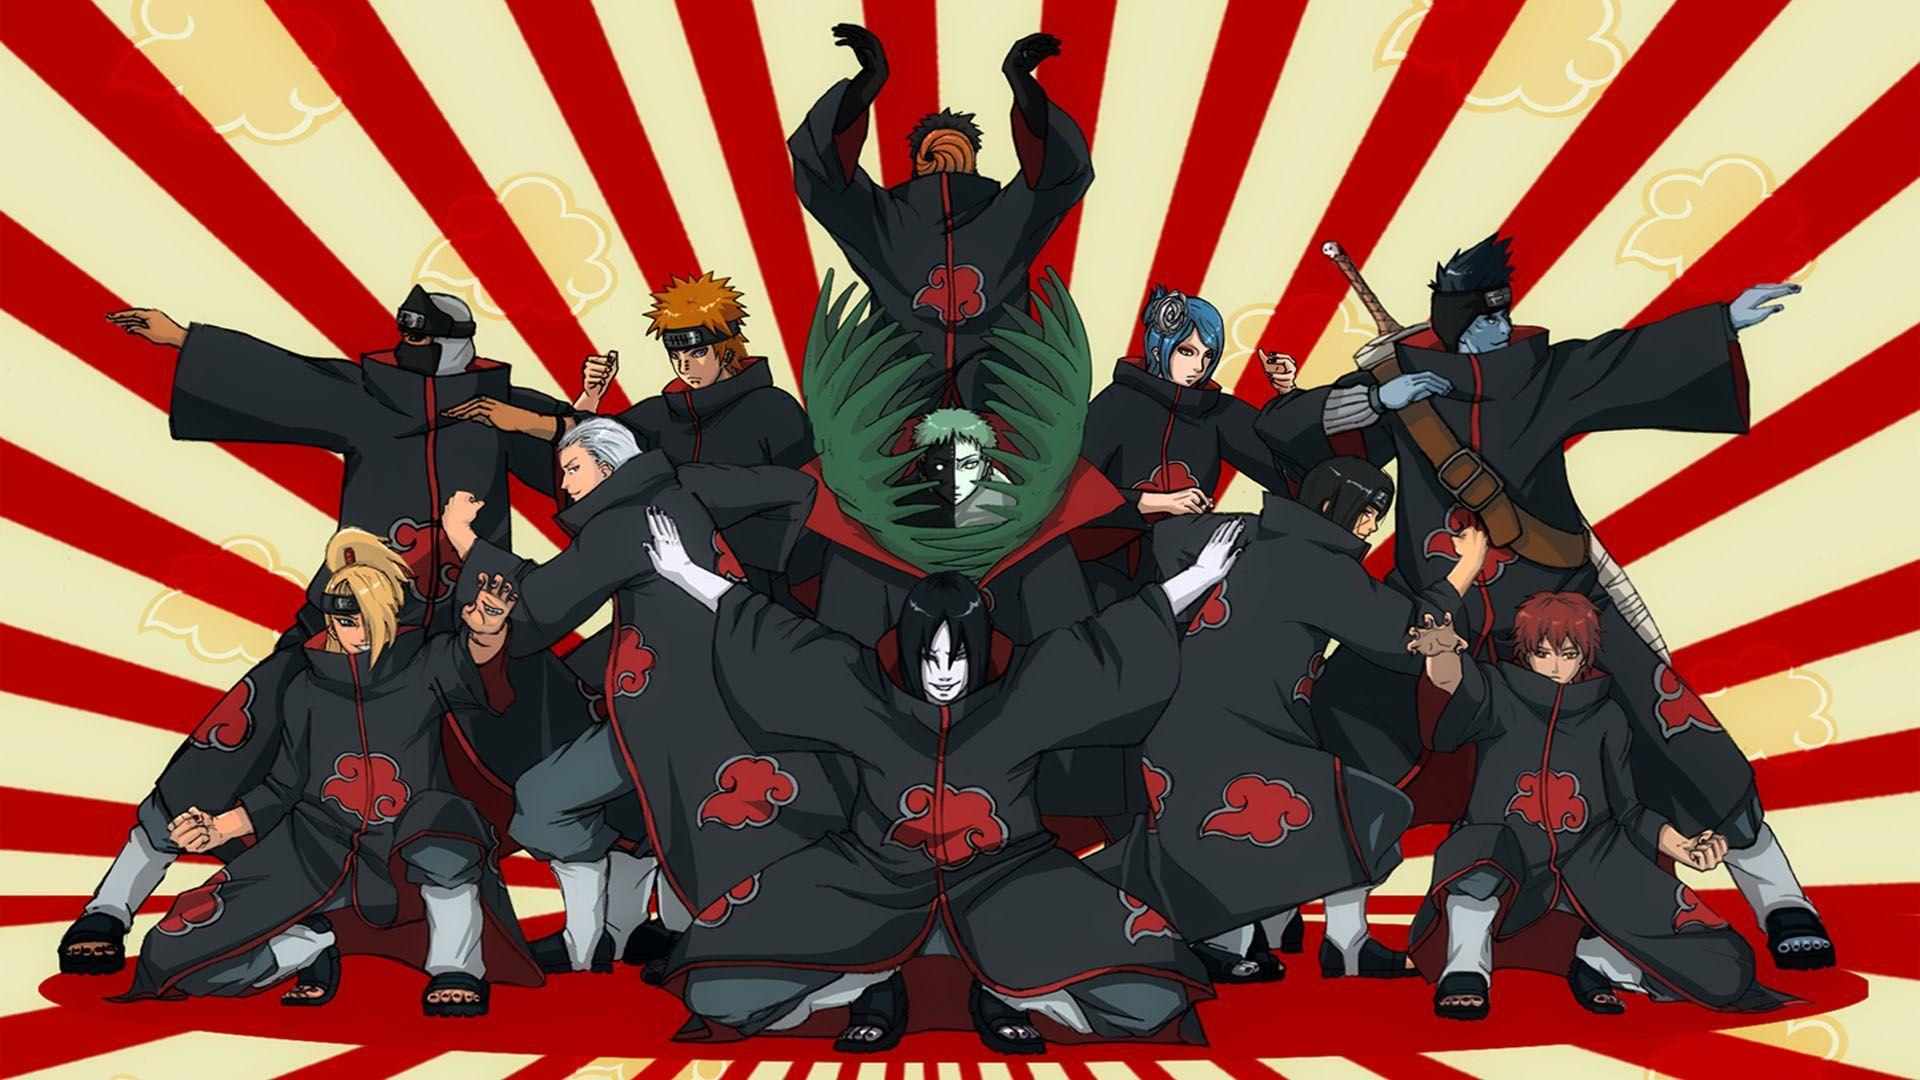 Naruto Akatsuki Wallpapers - Top Free Naruto Akatsuki ...